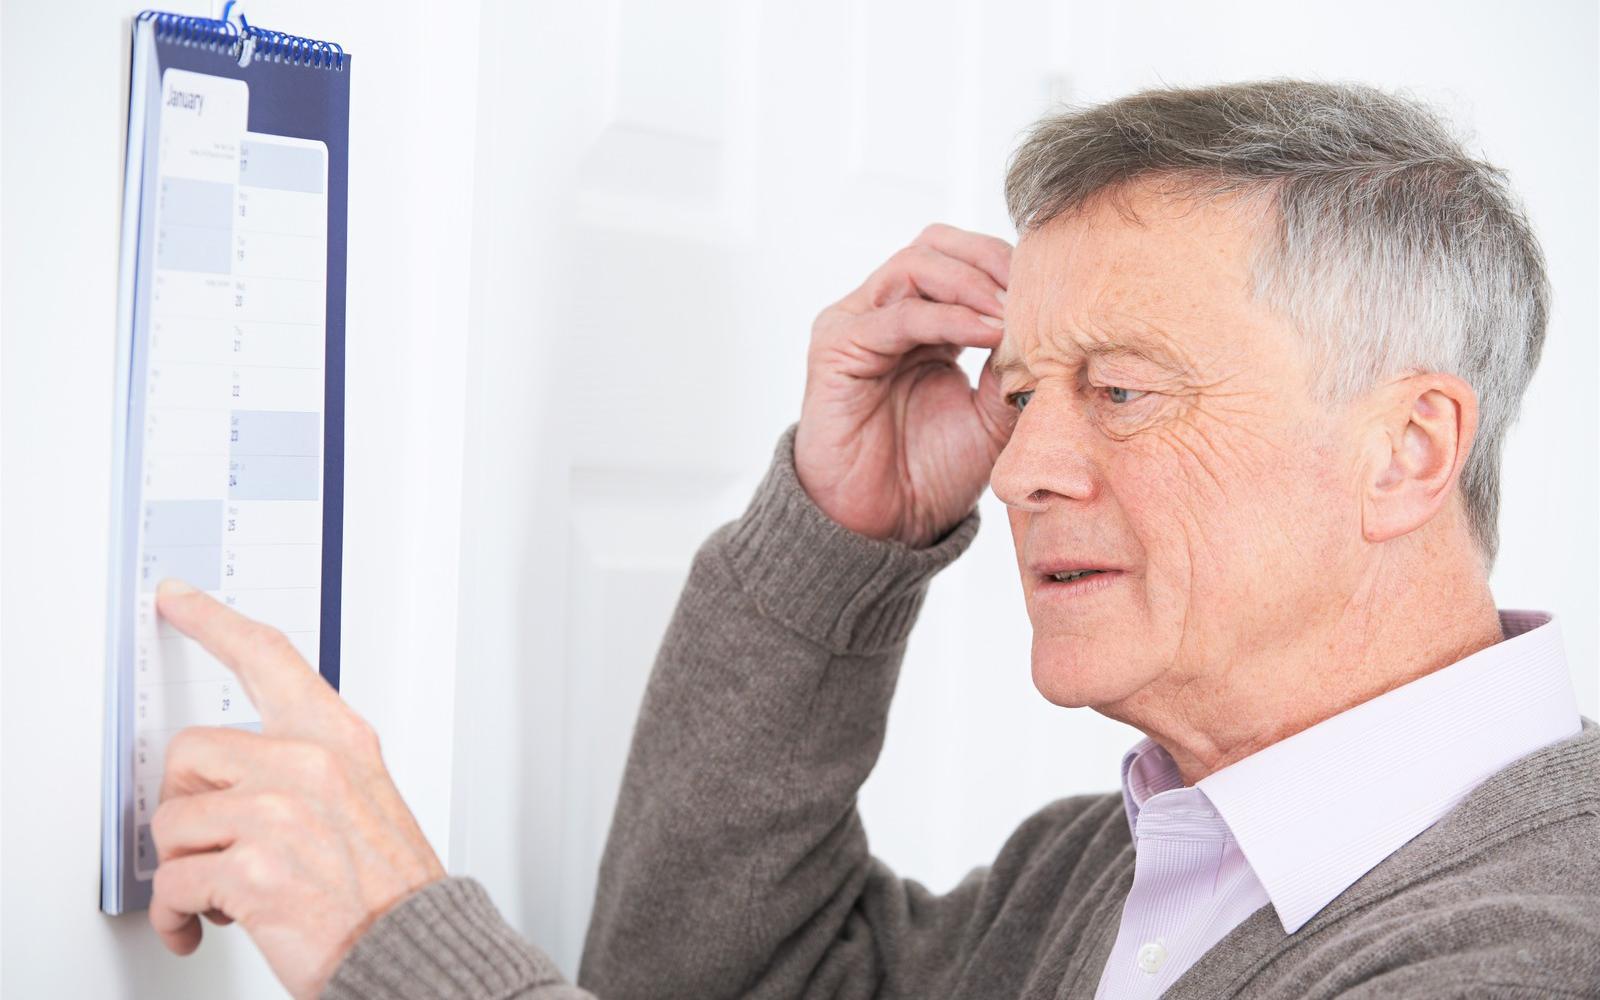 régi magas vérnyomás galagonya kezelés magas vérnyomás esetén